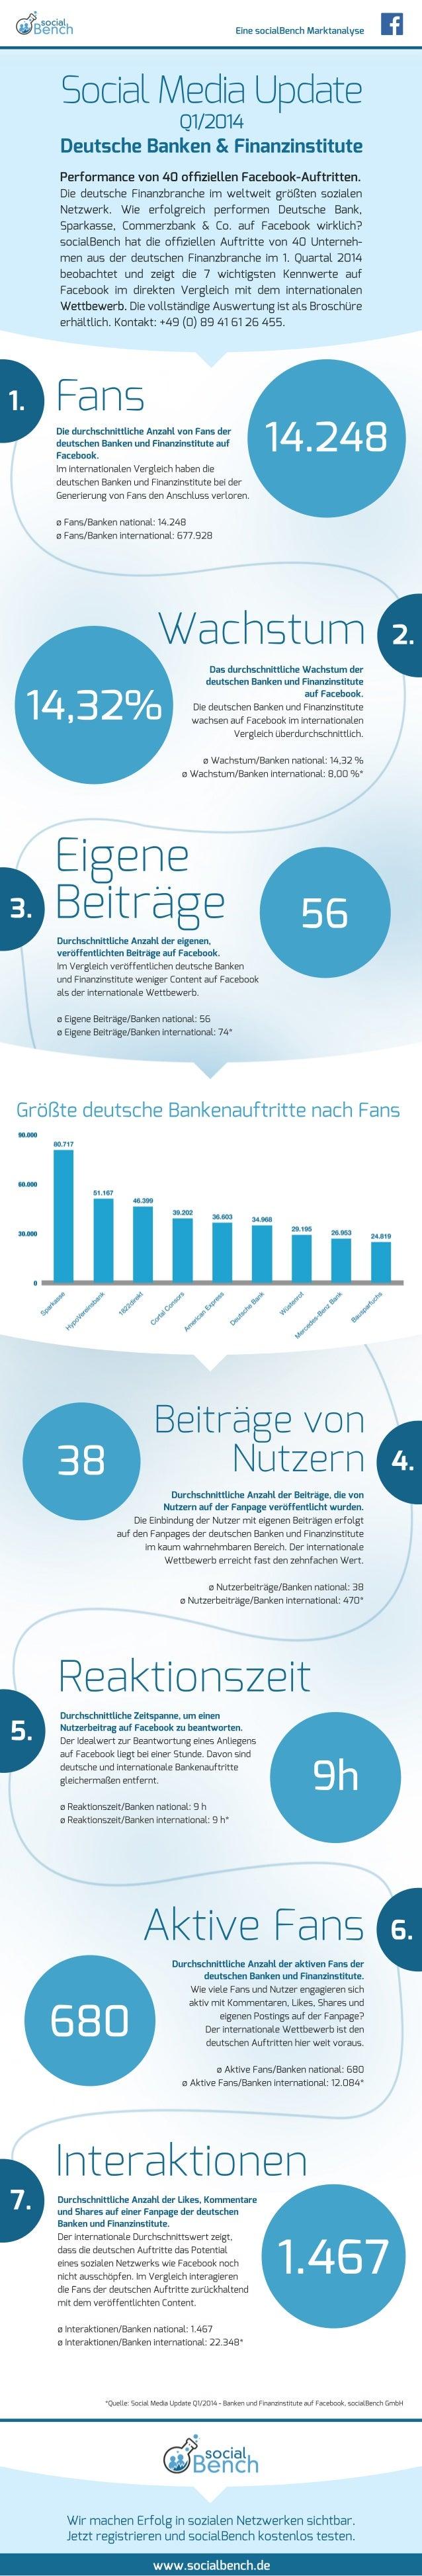 Eine socialBench Marktanalyse  Social Media Update  Q1/2014  Deutsche Banken & Finanzinstitute  Performance von 40 offizie...